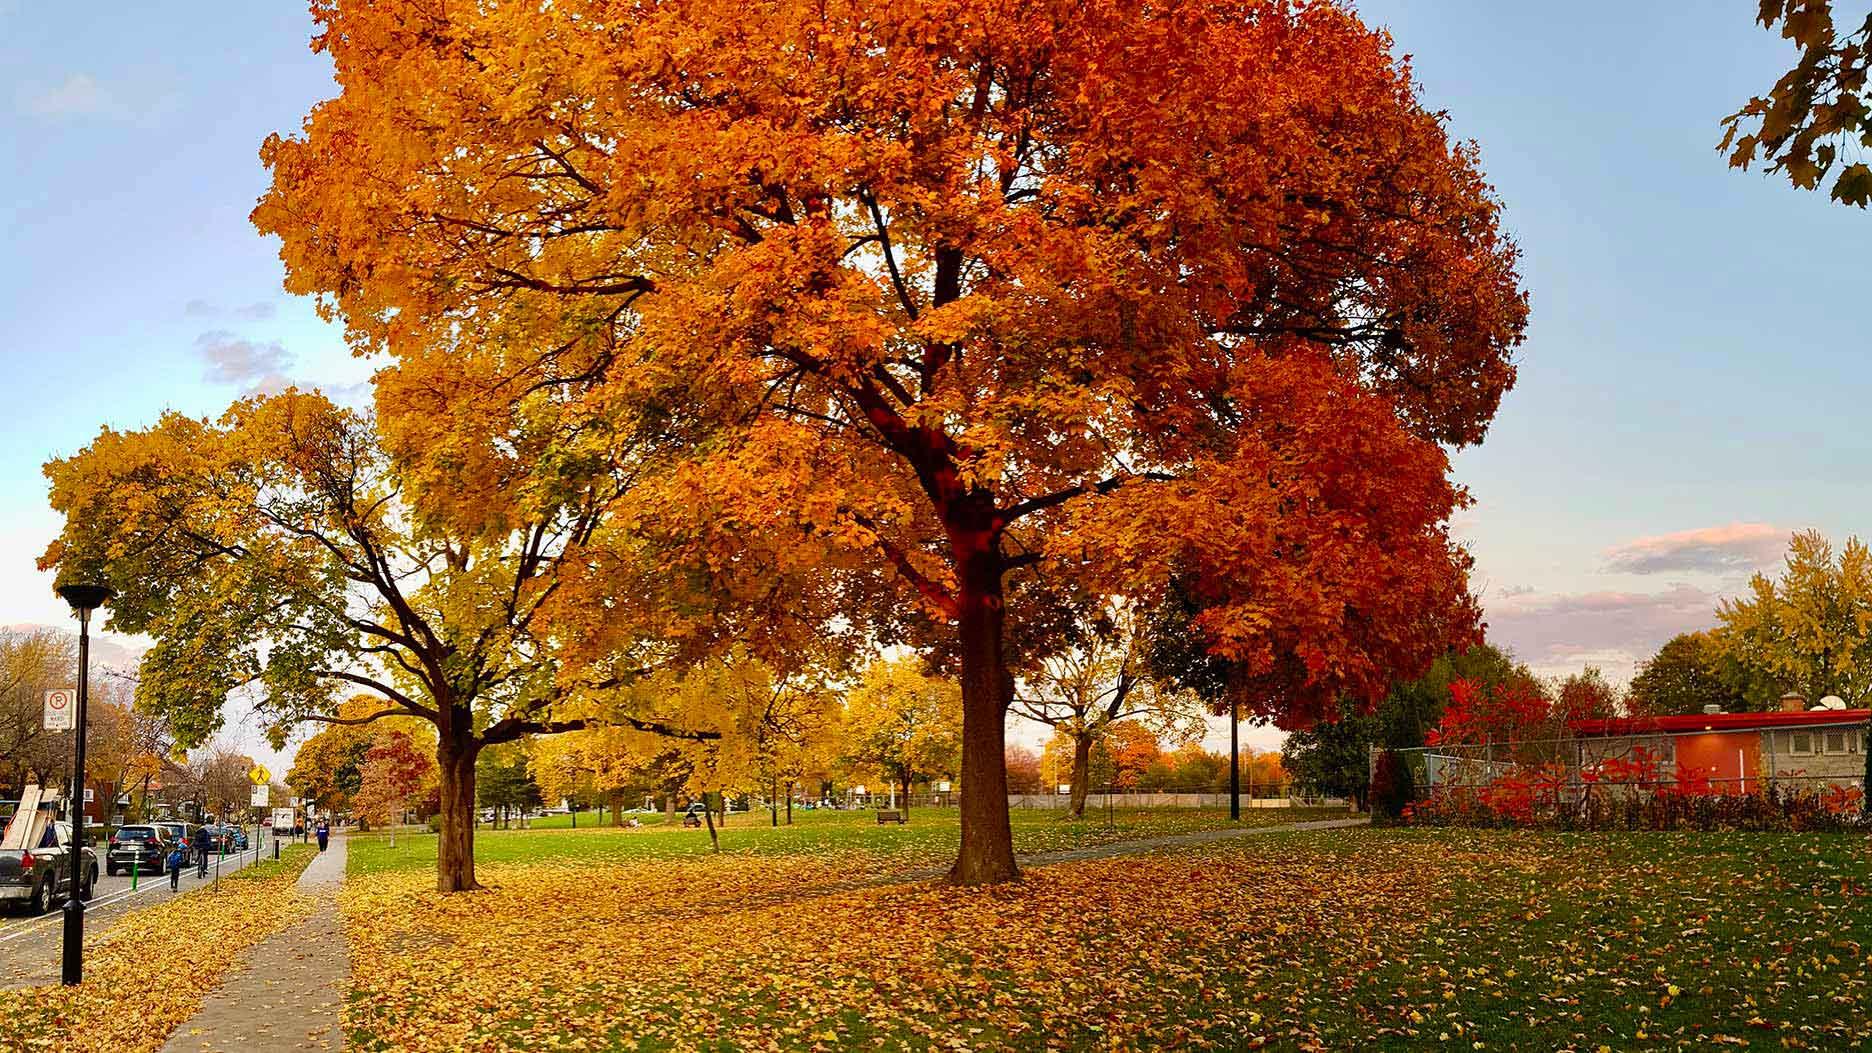 arbre à l'automne au québec